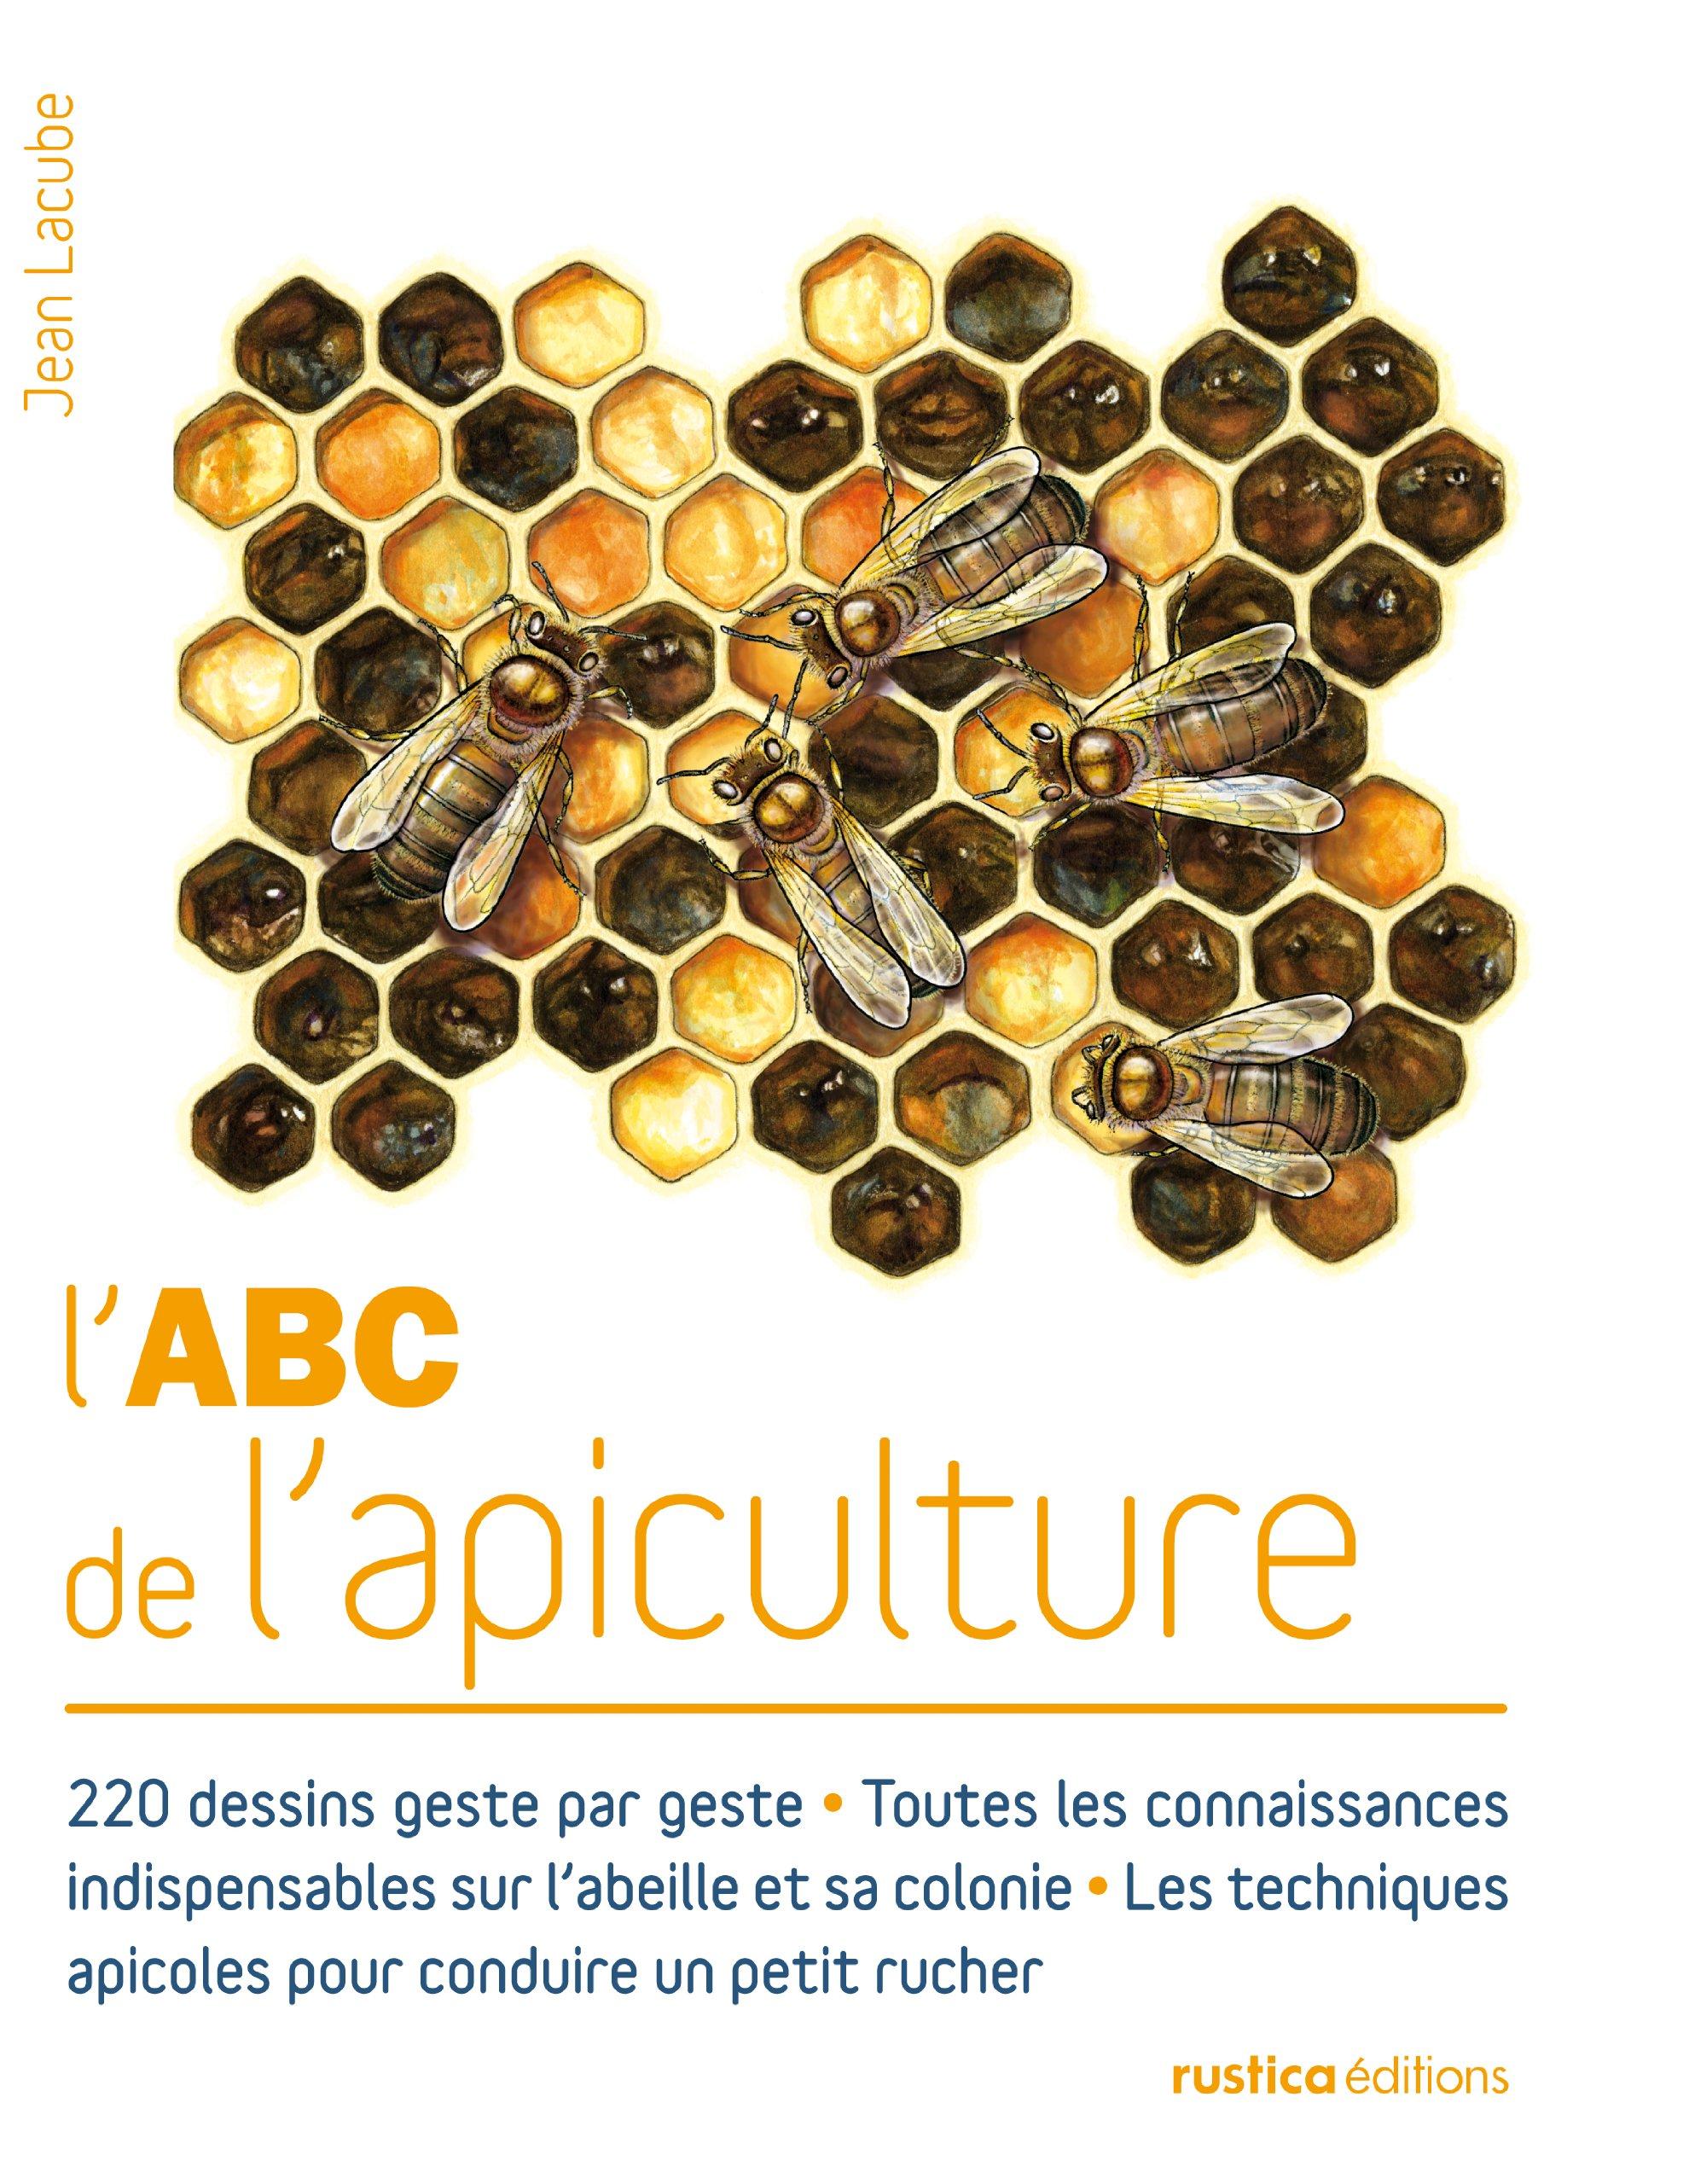 L'ABC de l'apiculture Broché – 24 mai 2013 Jean Lacube Michel Sinier L' ABC de l' apiculture Rustica éditions